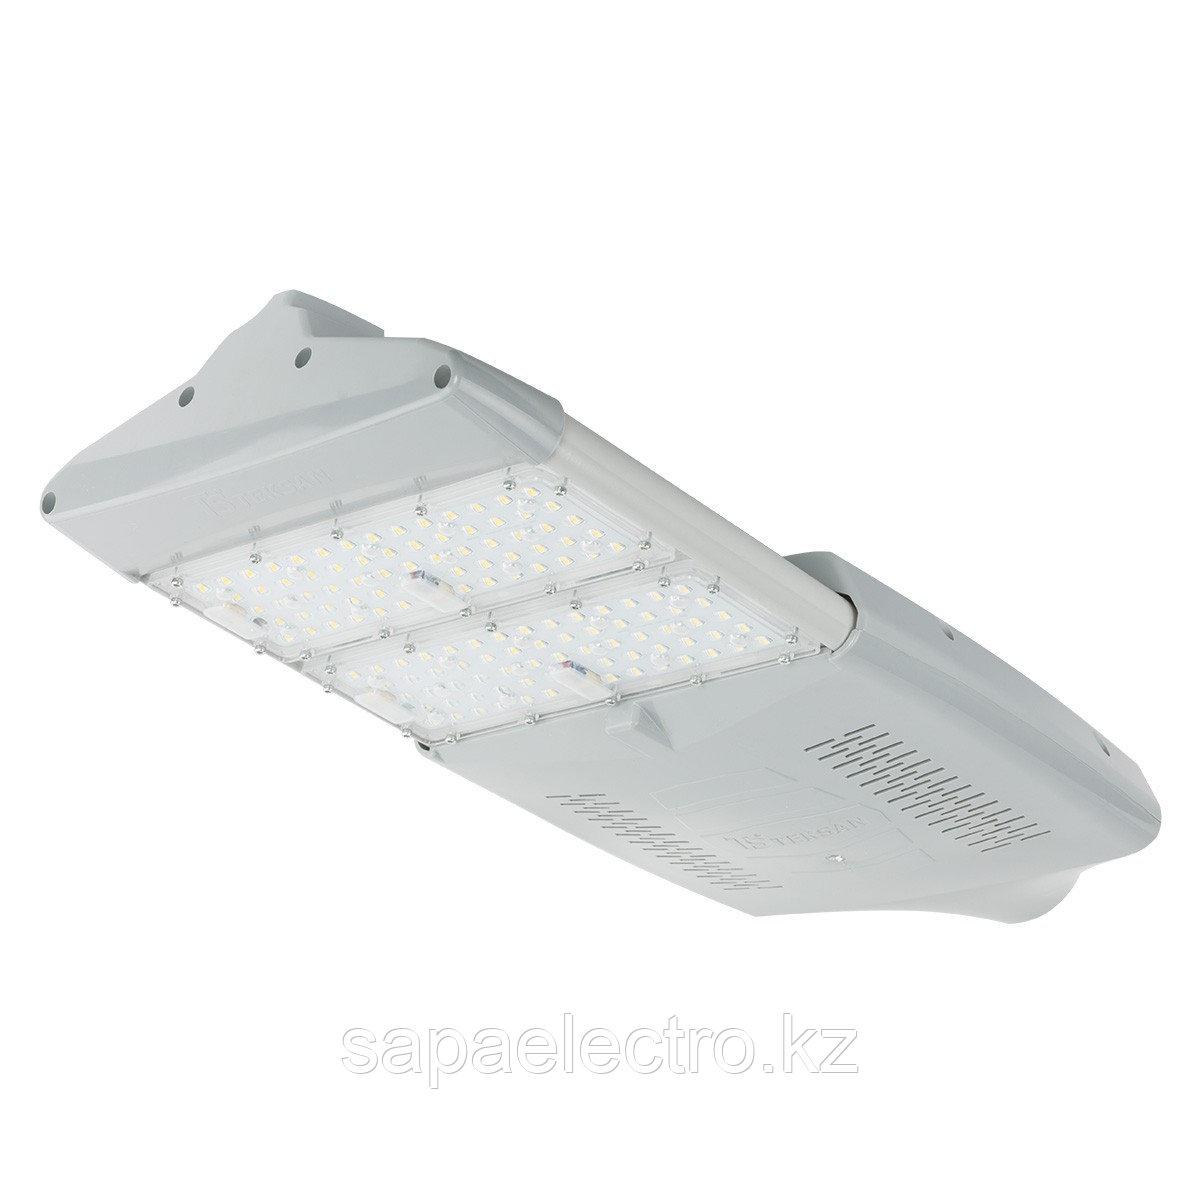 Свет-к RKU LED SMART 2*50W с гербоксом (3года гаран